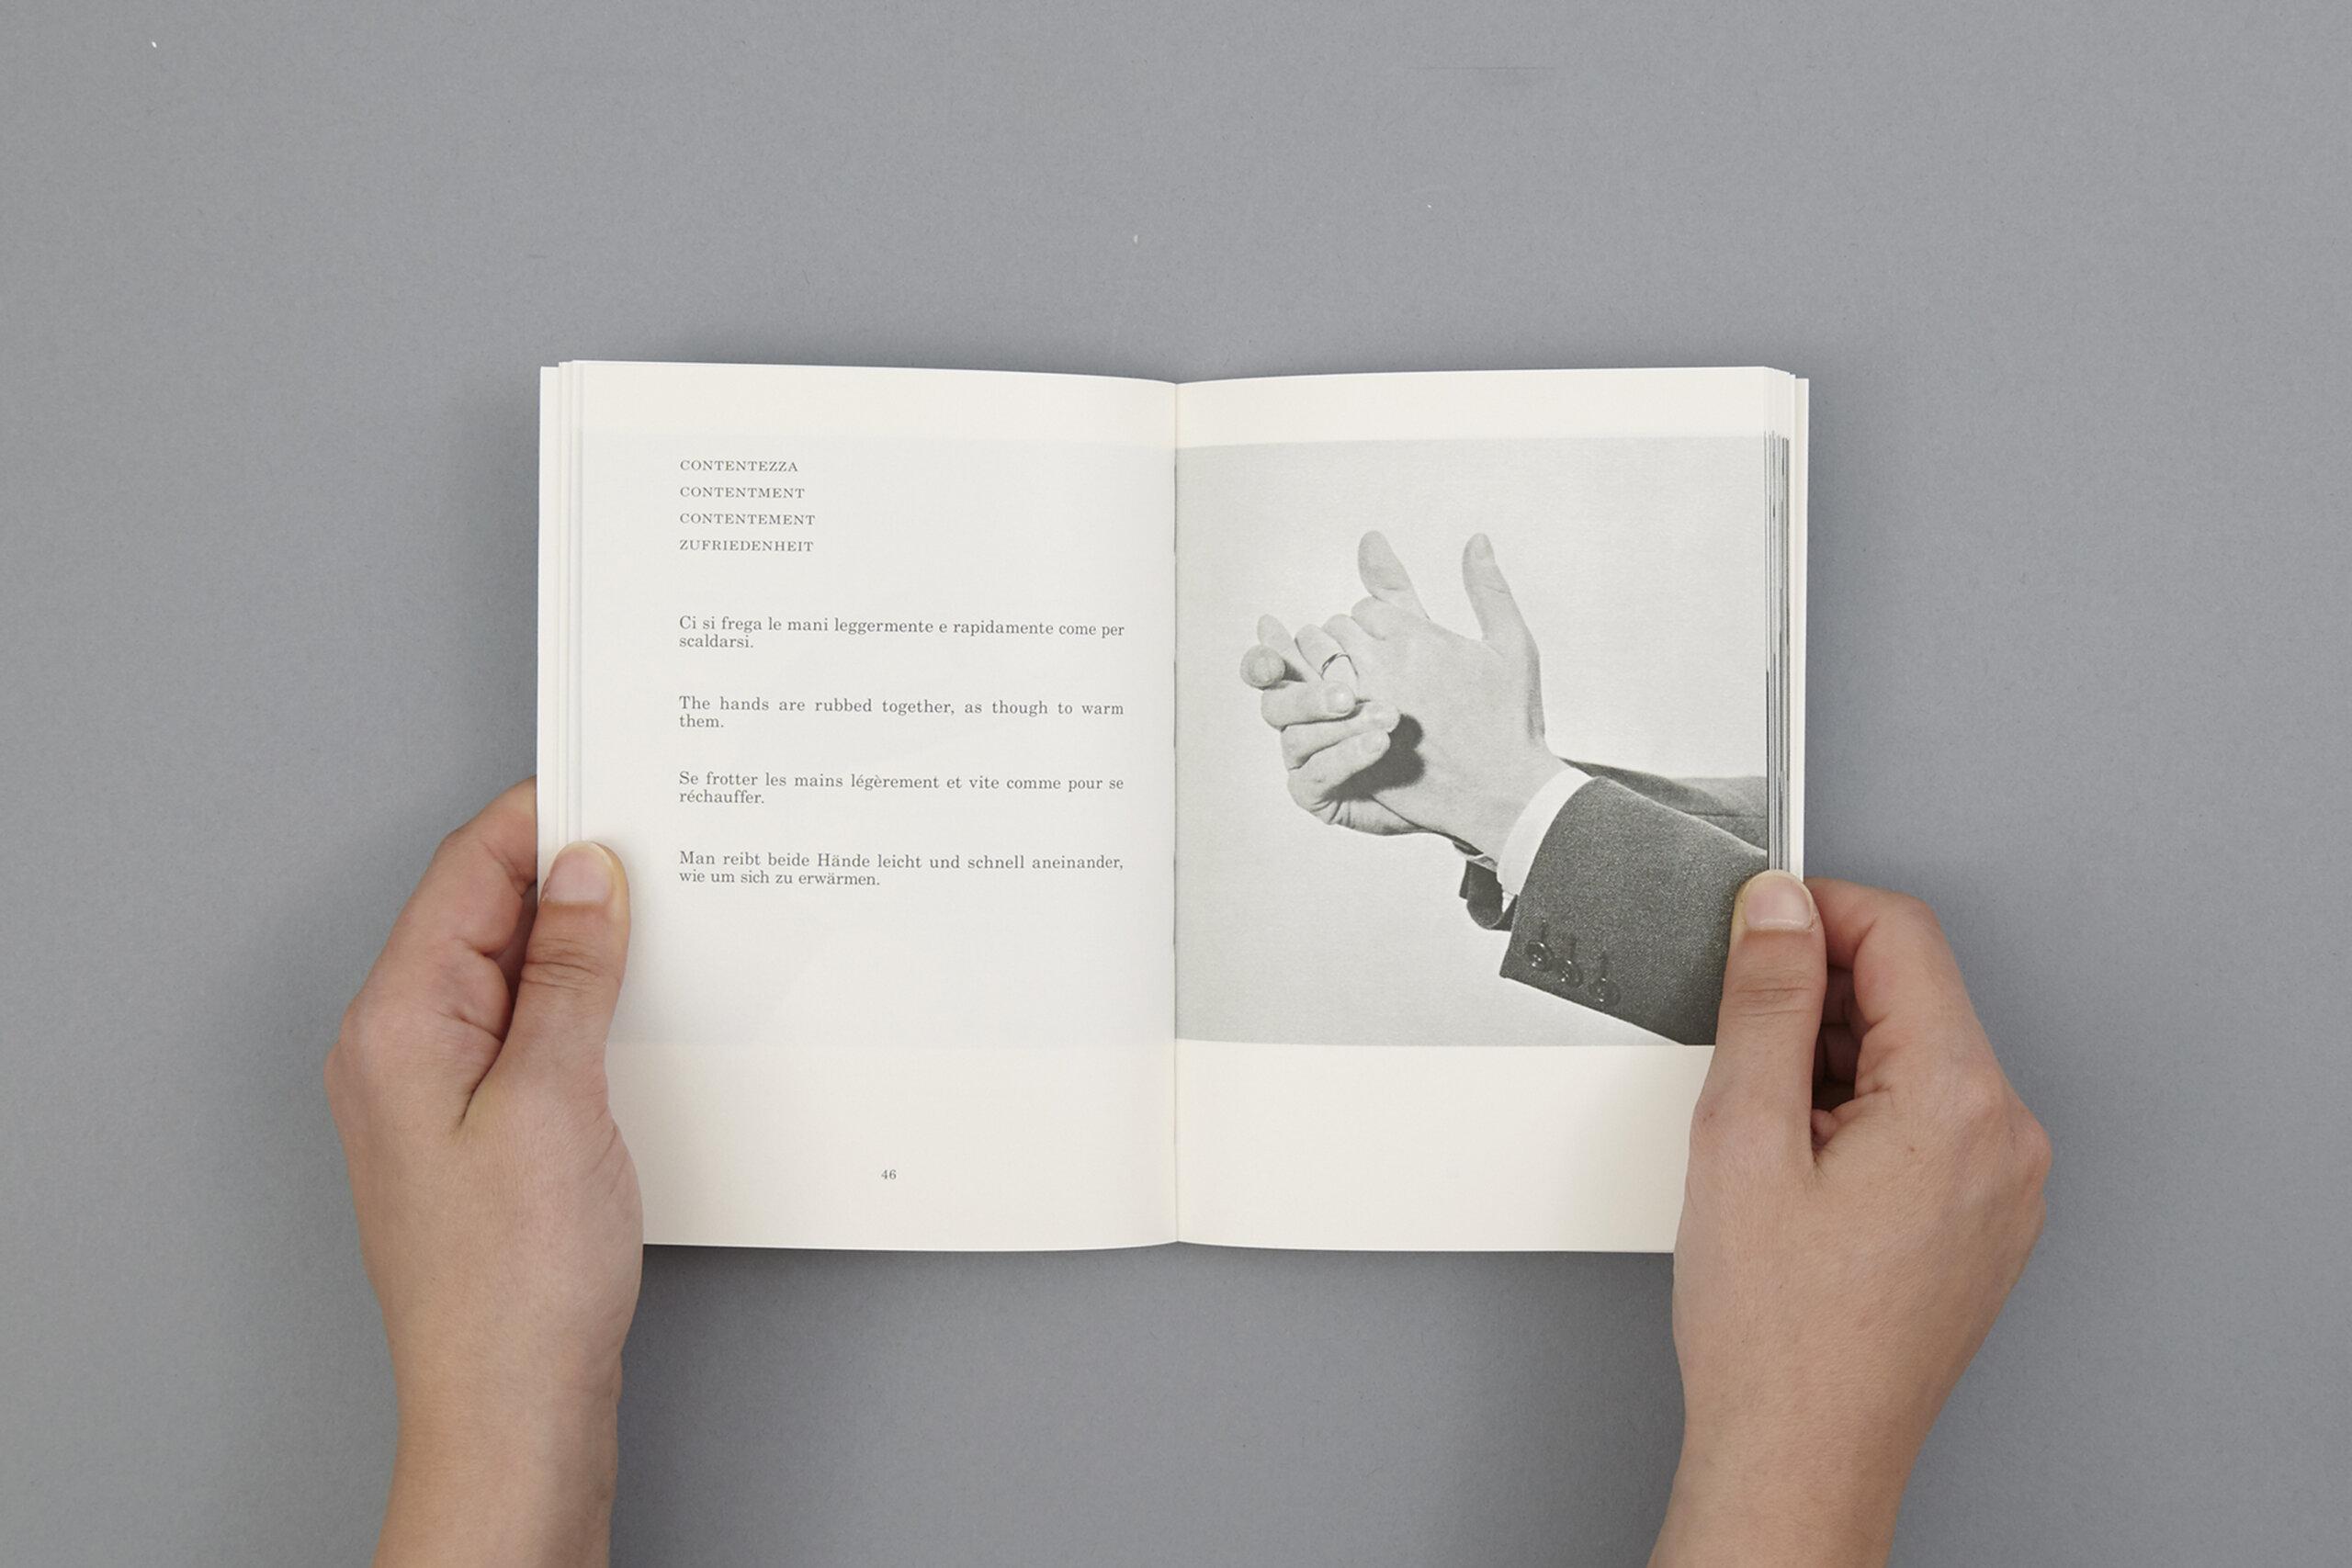 munari-supplemento-dizionario-italiano-delpire-co